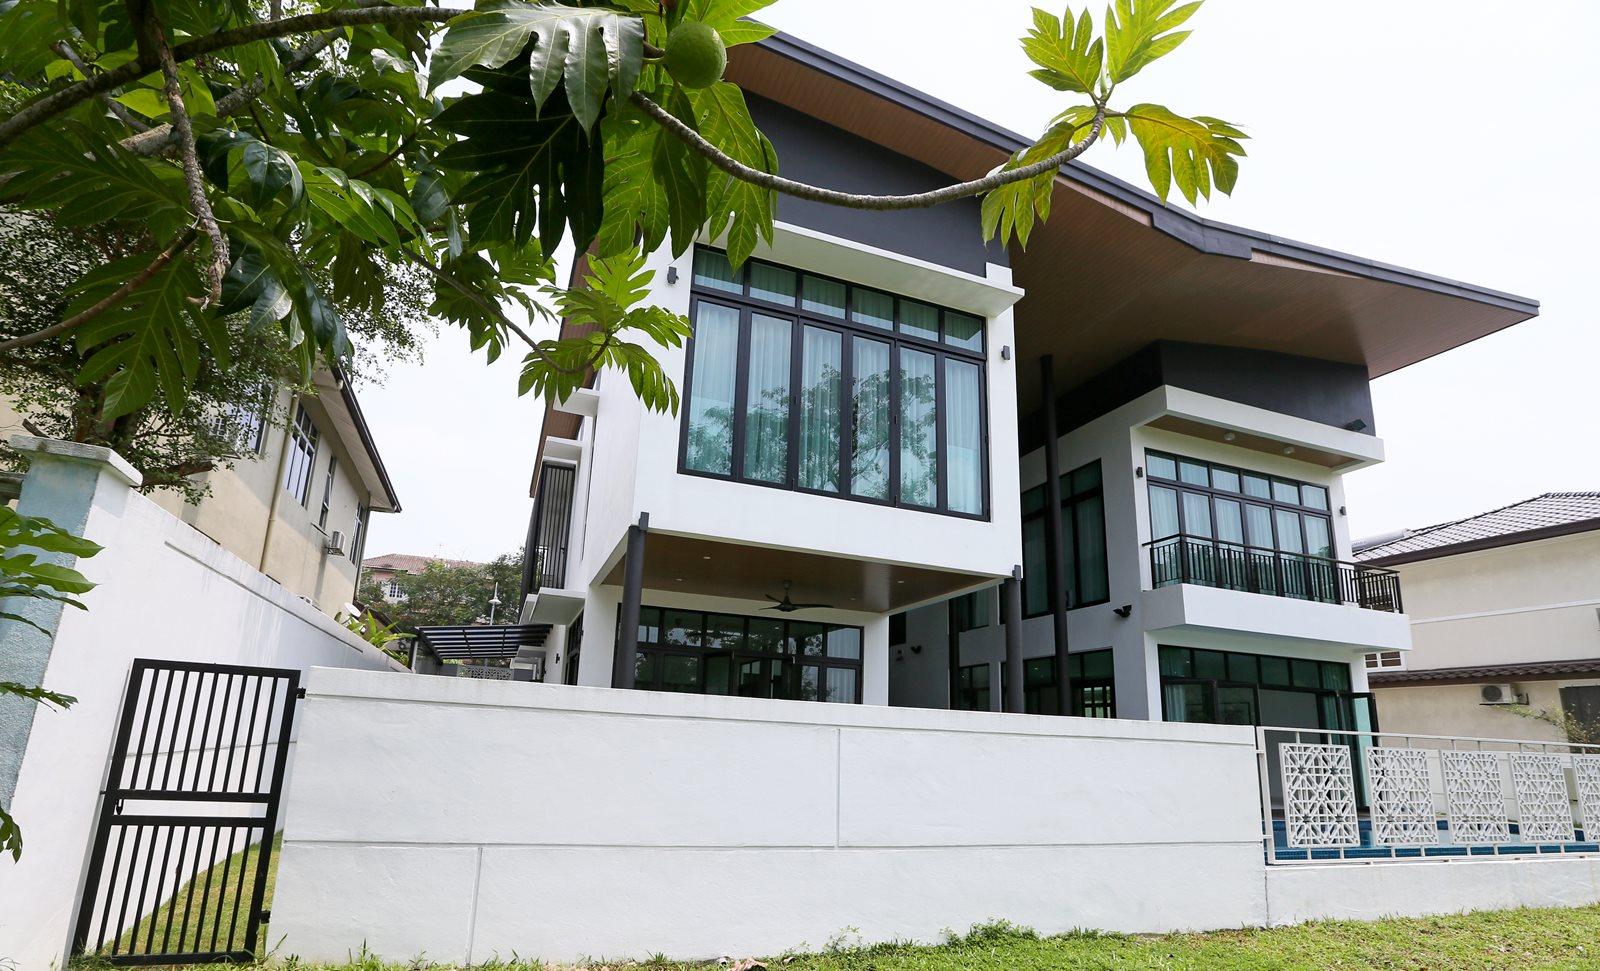 Modern Tropical Malaysian Bungalow Design In Saujana Impian Kajang